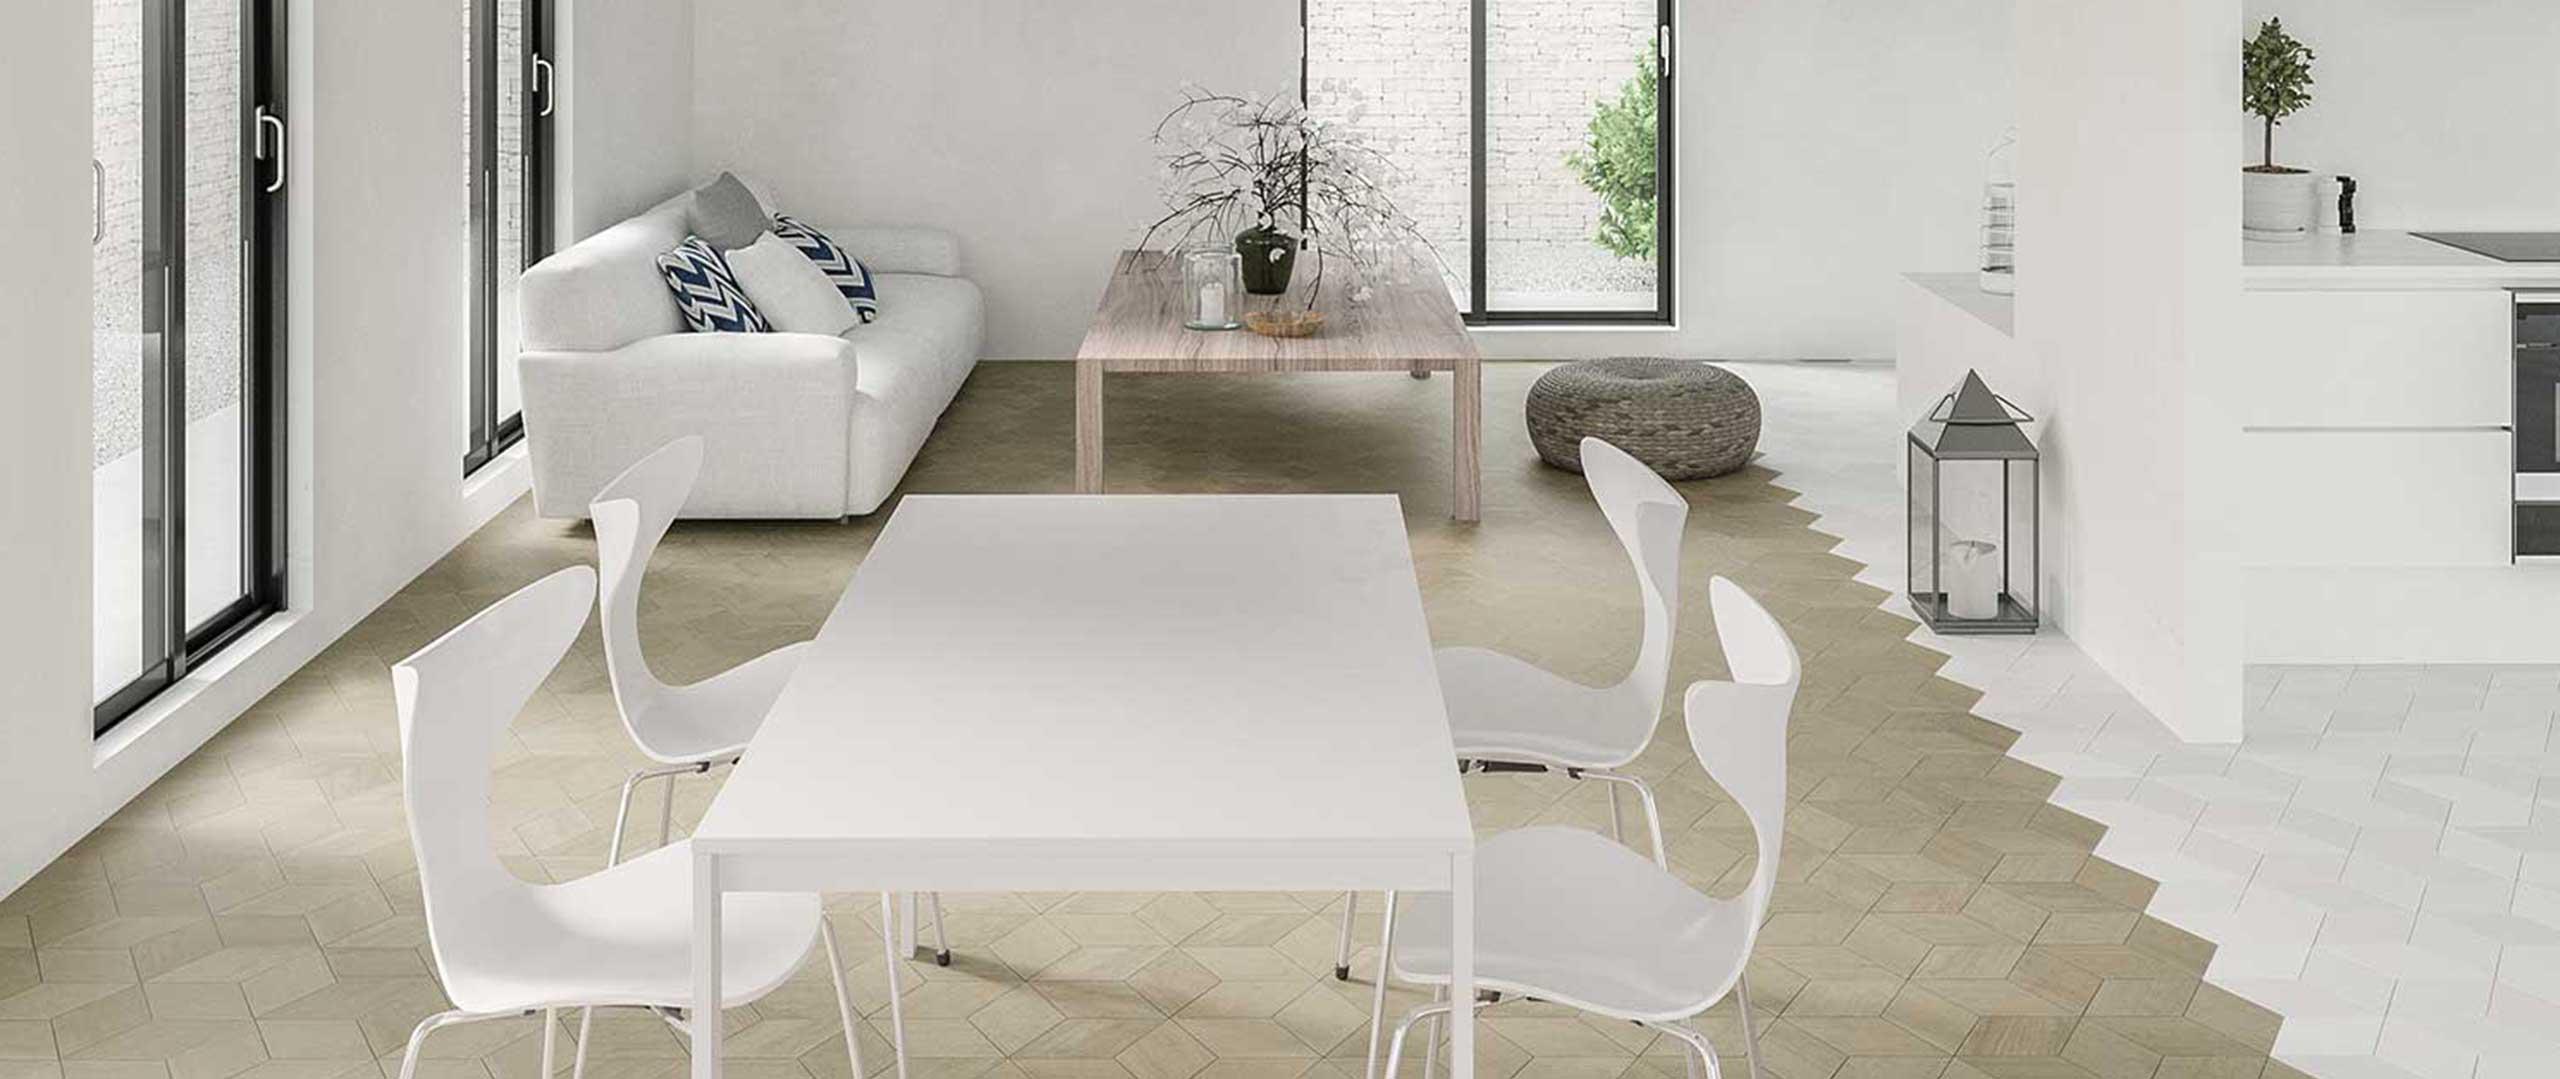 Płytki Wow Design dostępne w Internity Home i Prodesigne